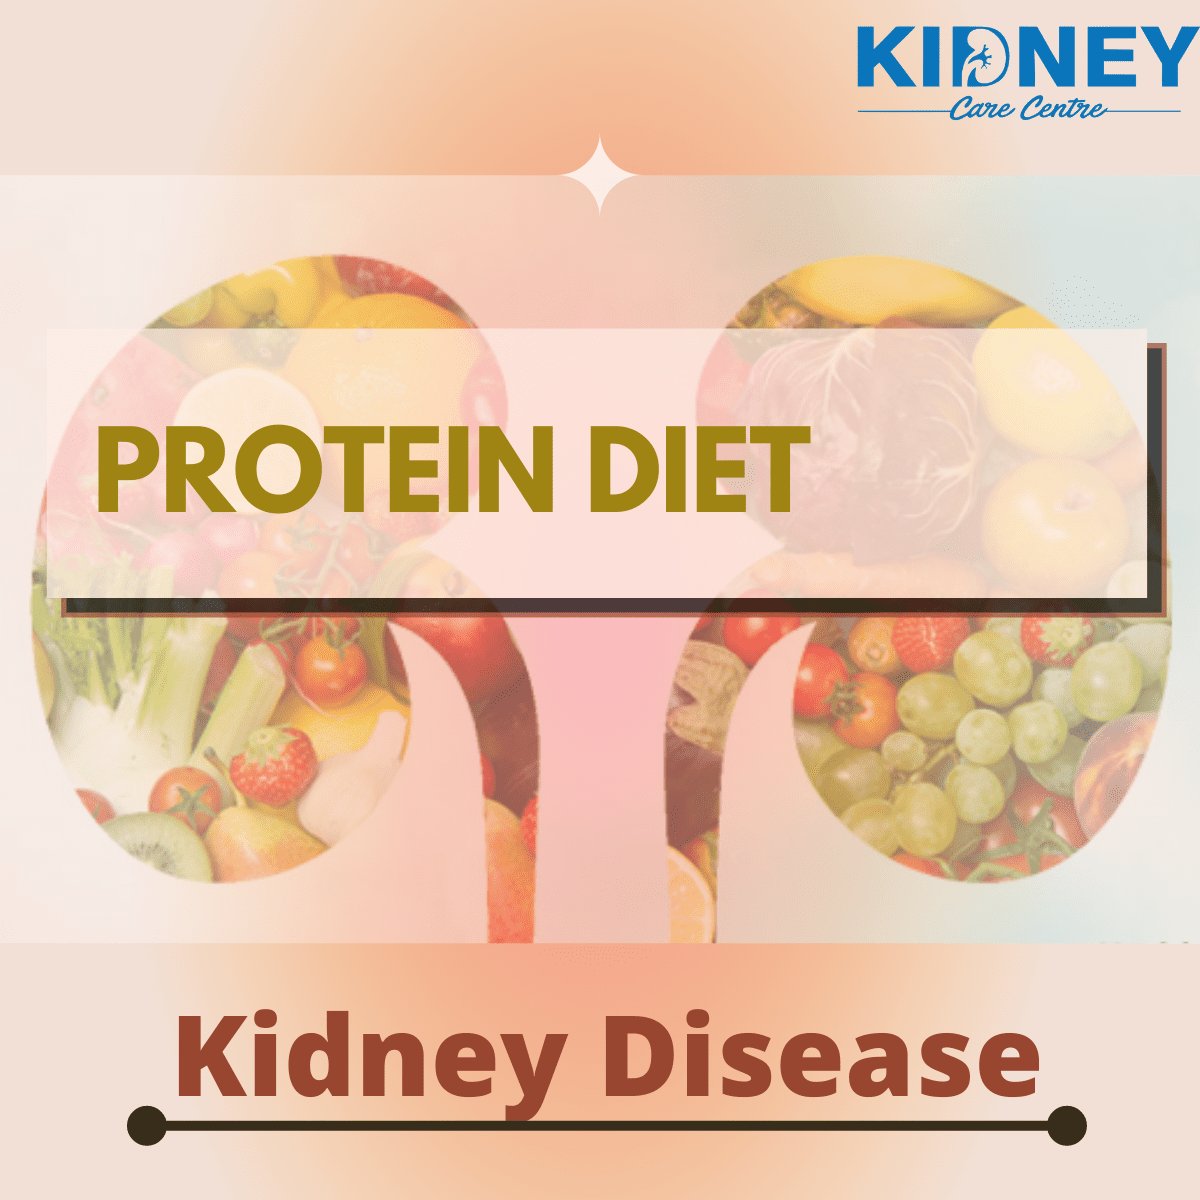 Protein Diet in Kidney